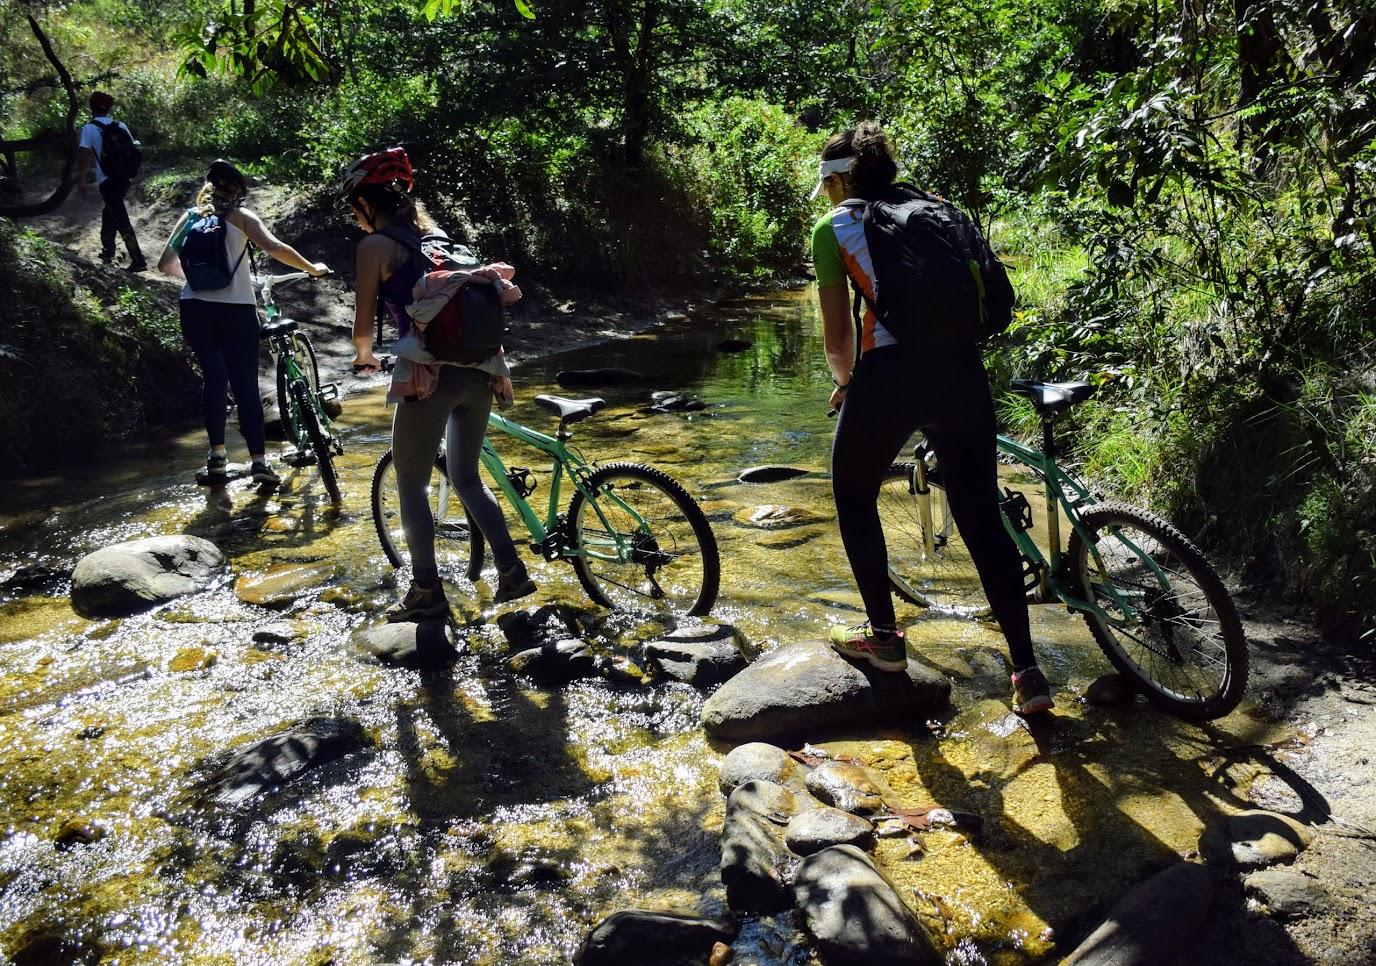 Atravessando mais um rio para chegar na Cachoeira da Farofa, no Parque Nacional da Serra do Cipó